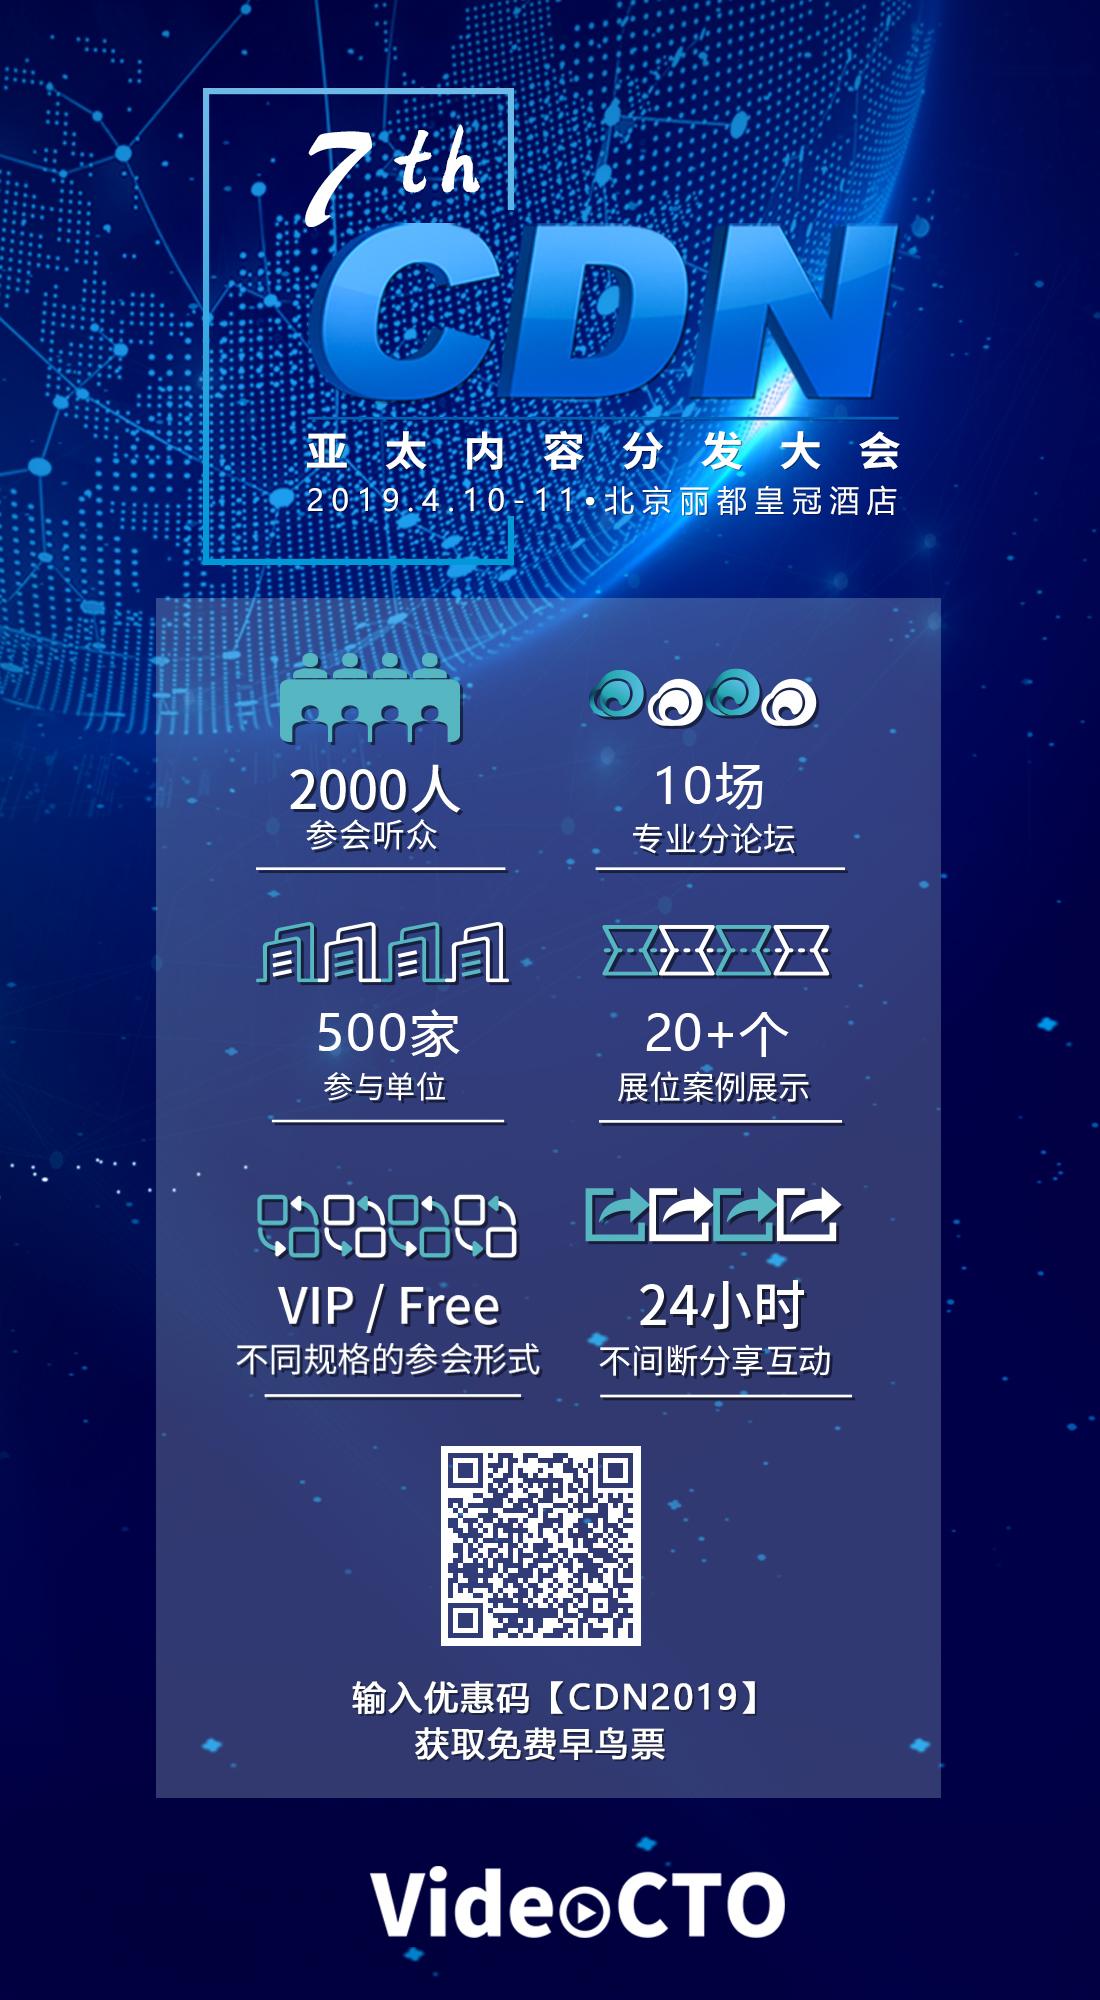 中国移动公布2019硬件<font color=